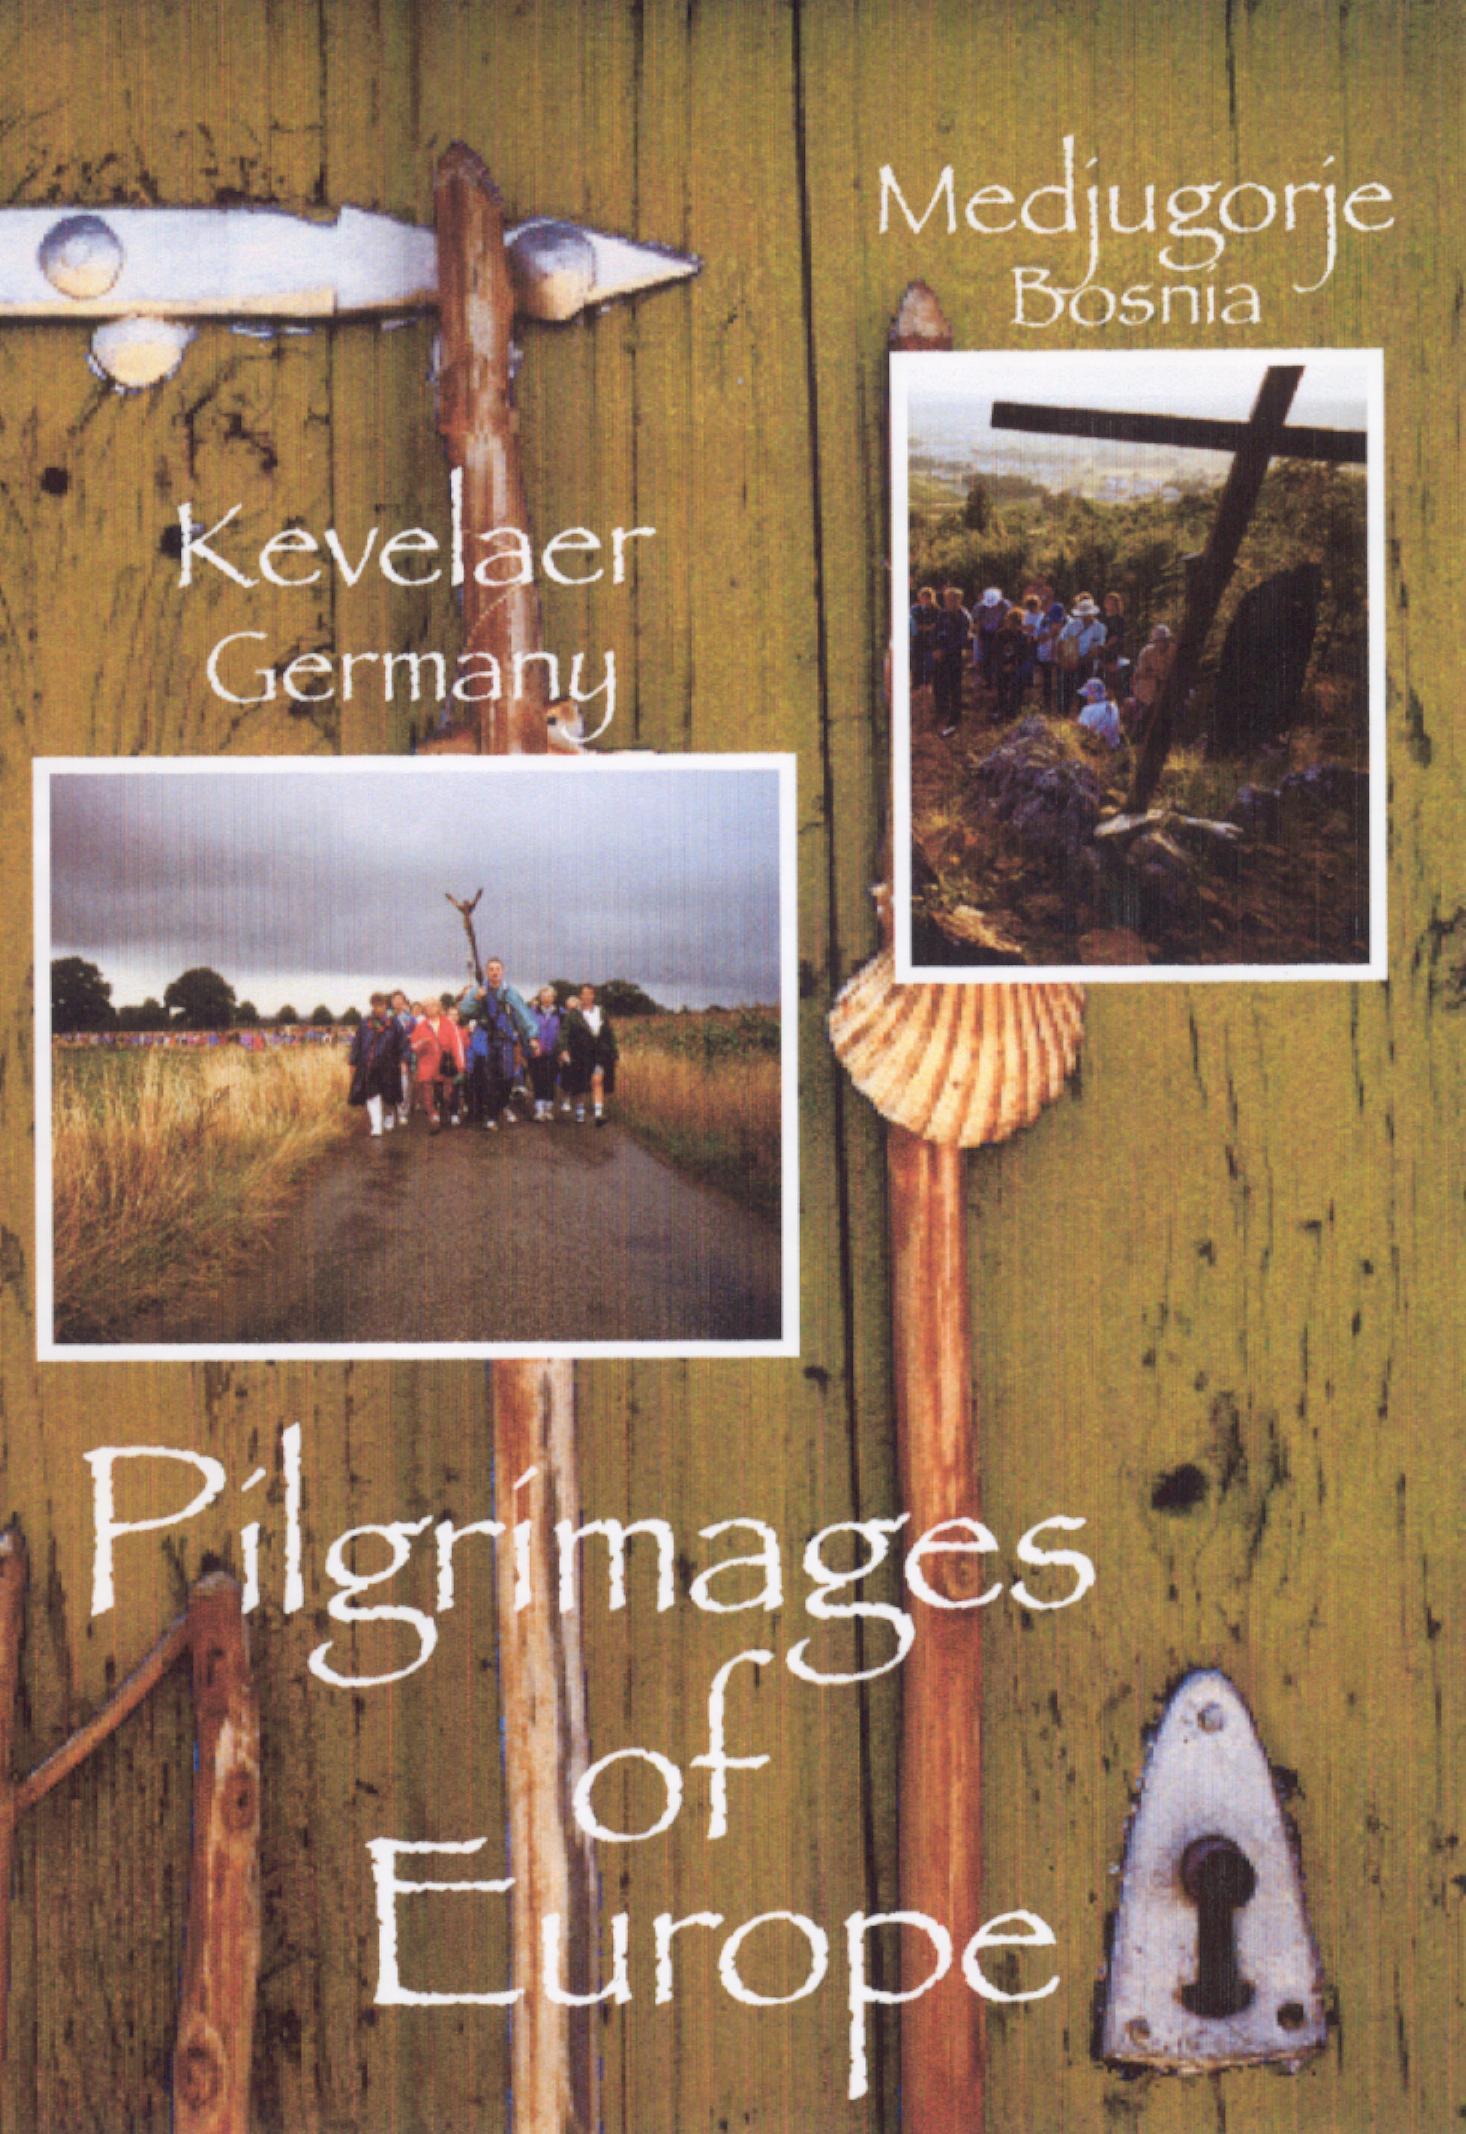 Pilgrimages of Europe: Kevelaer, Germany